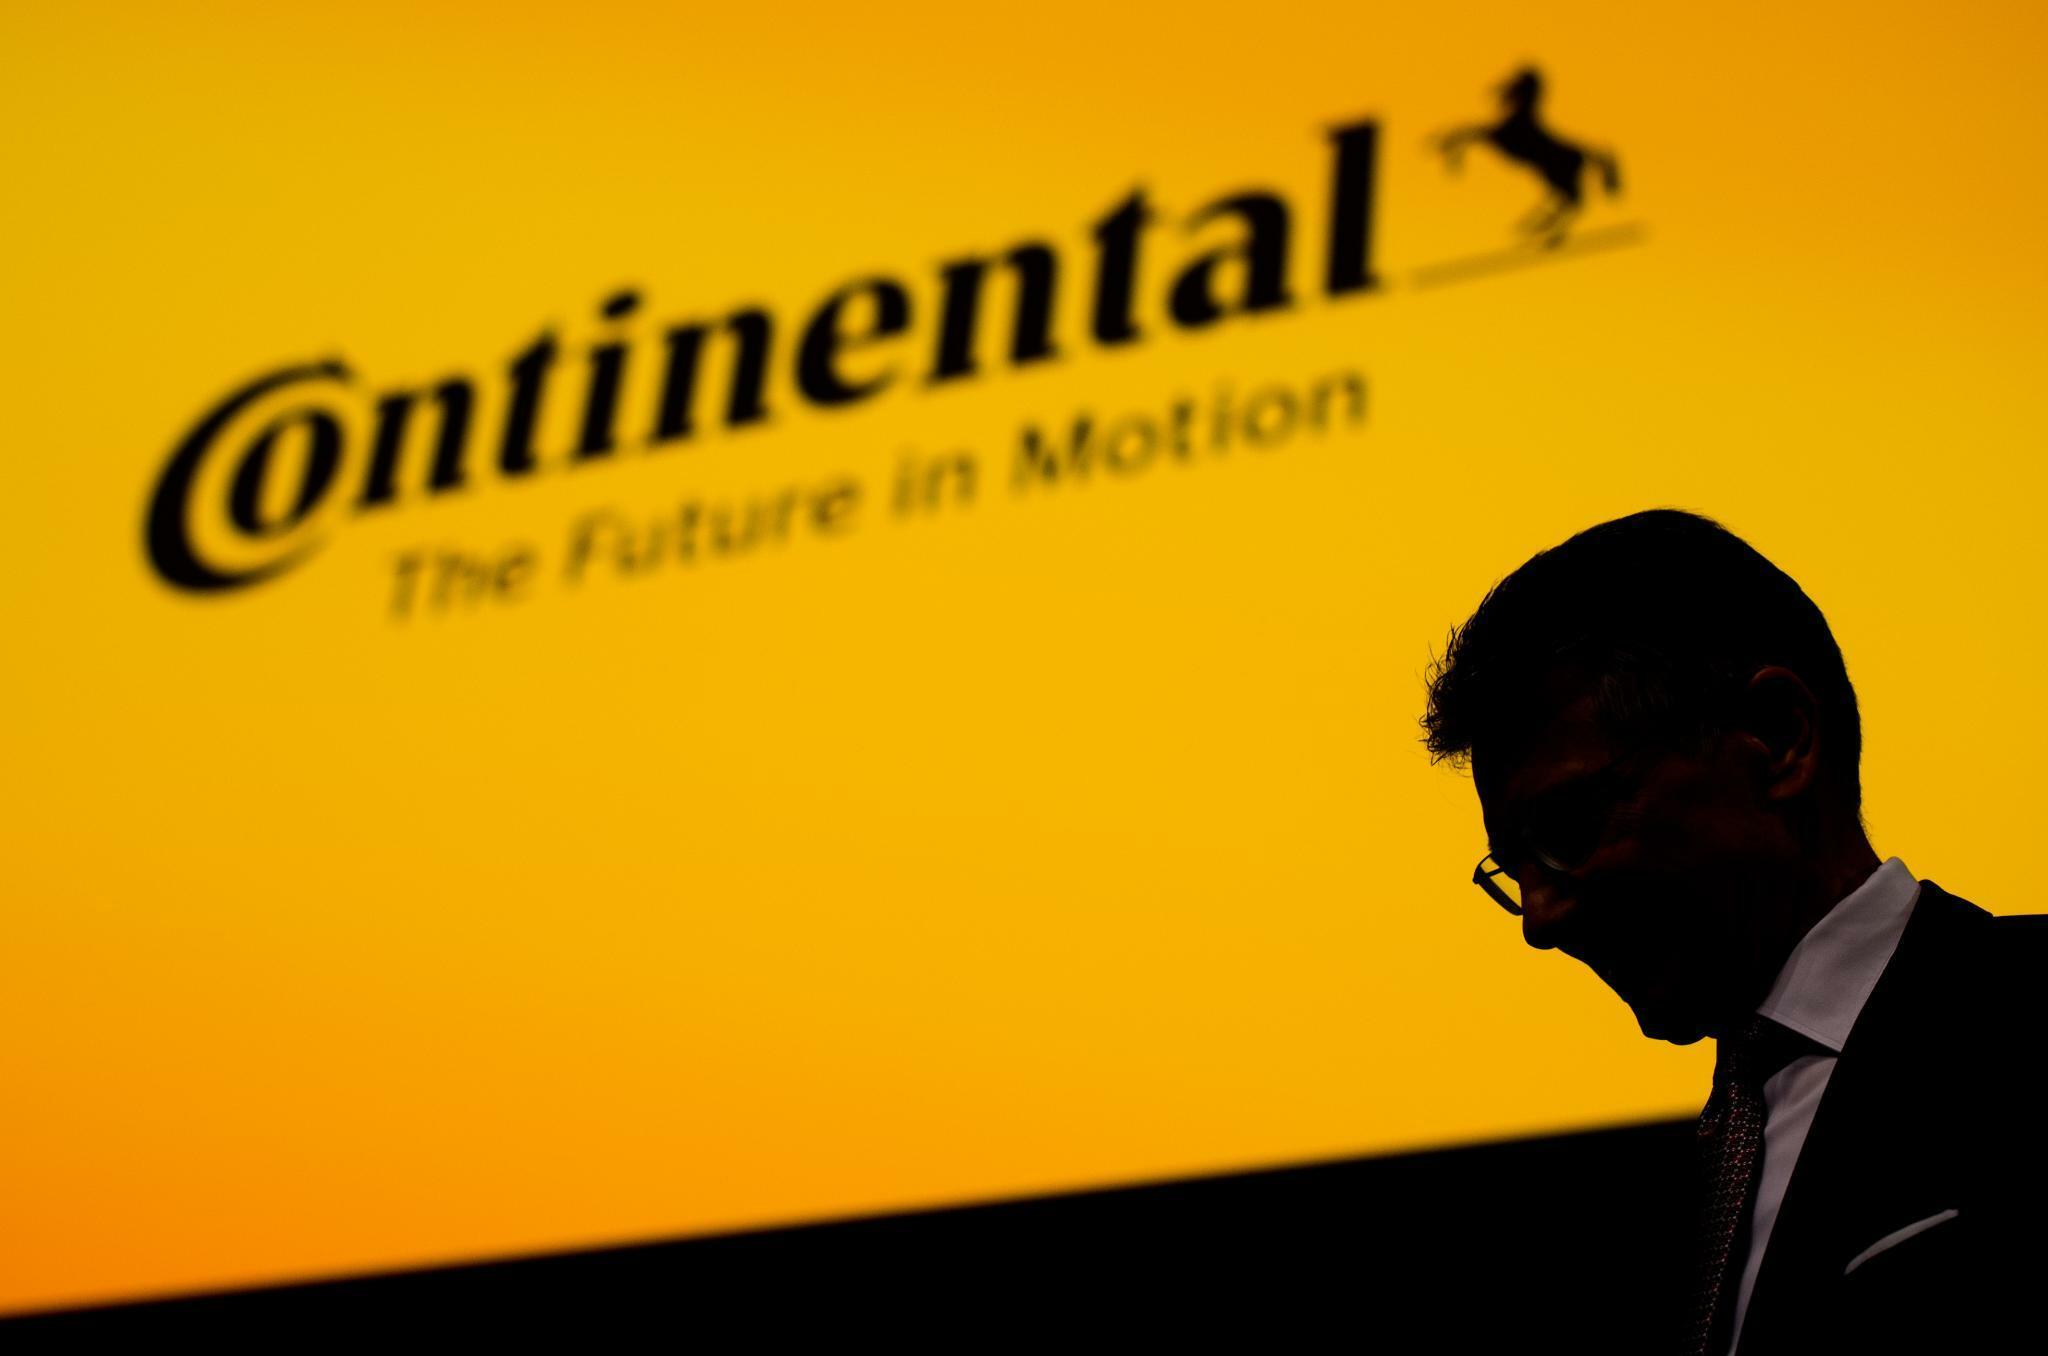 Continental schließt deutsche Werke – 7000 Jobs fallen weg